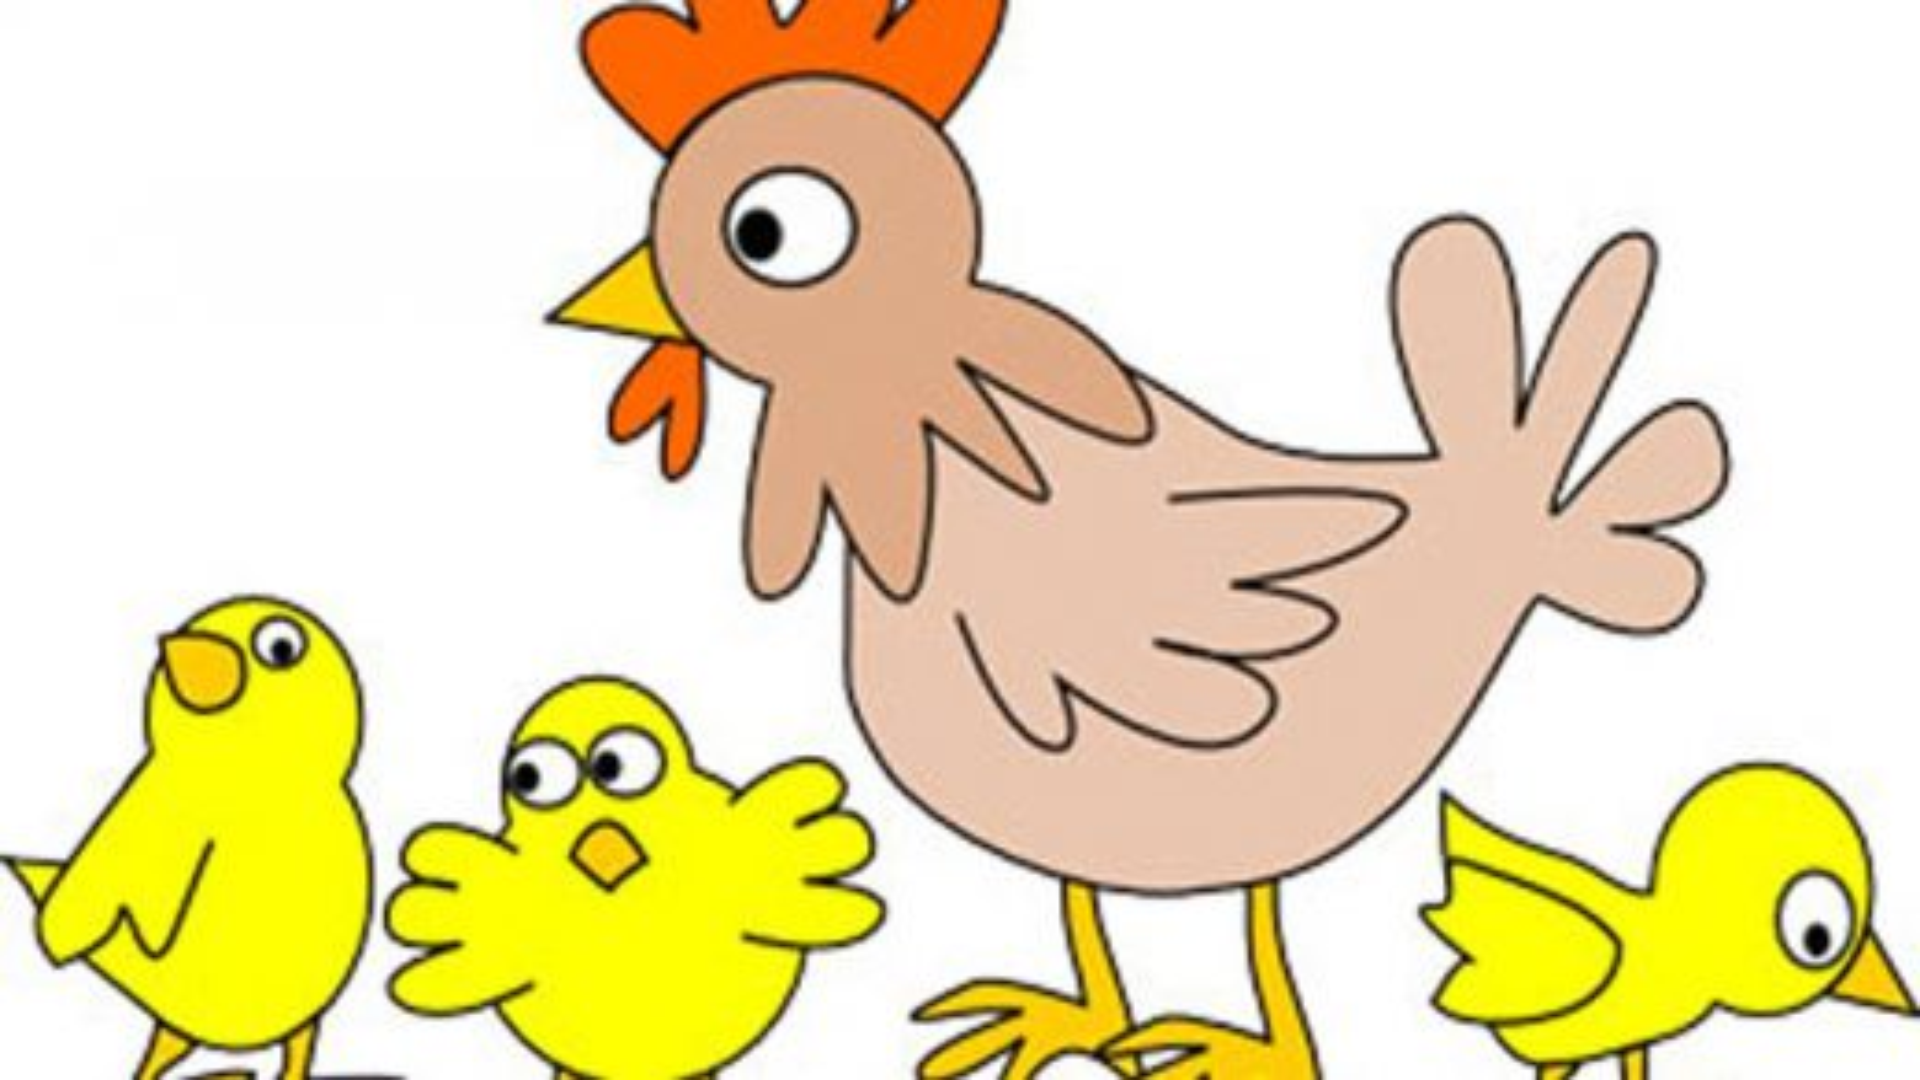 آموزش نقاشی مرغ | تگ